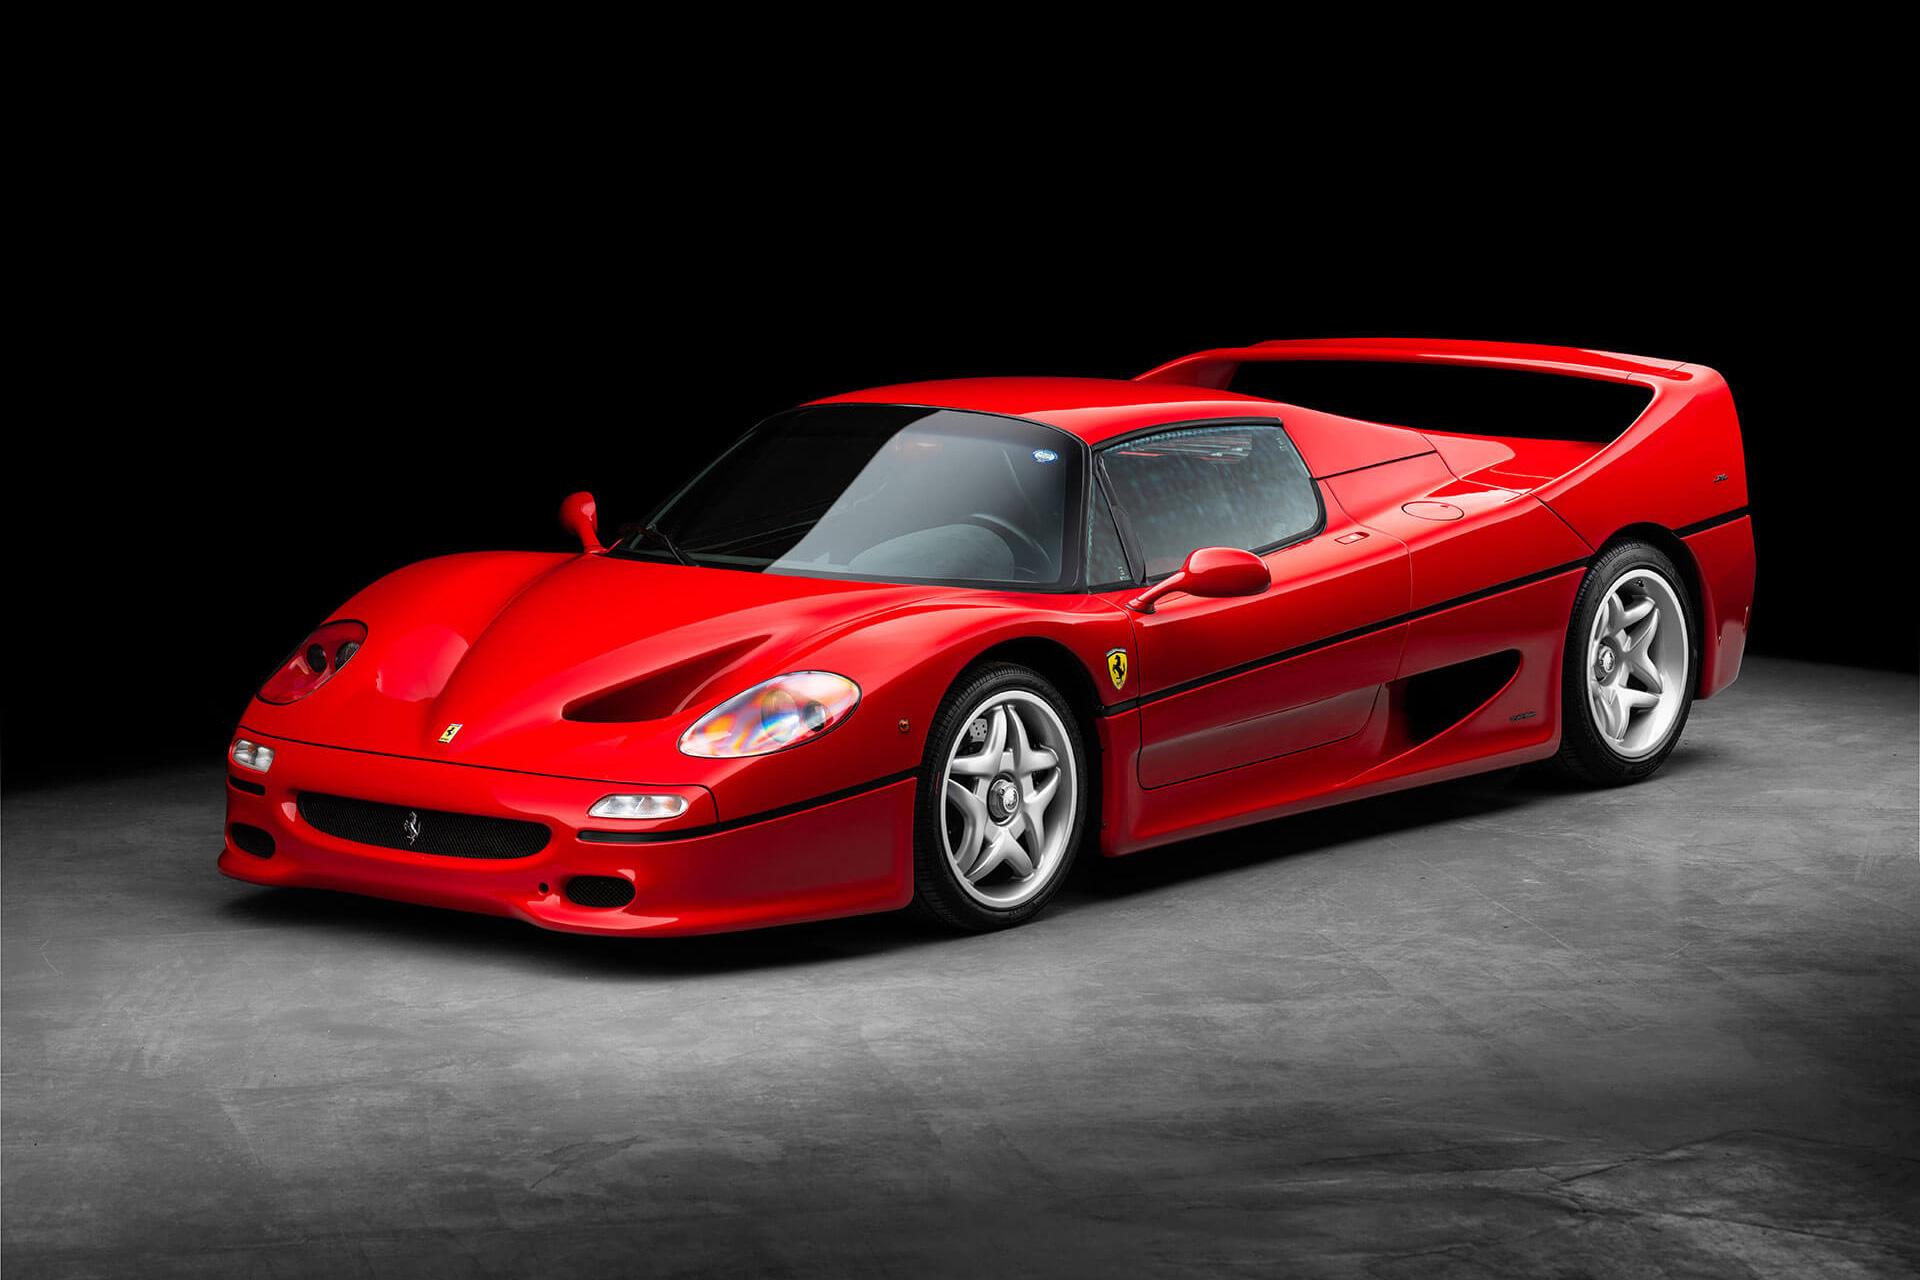 Este Ferrari F50 está num estado irrepreensível e encontra-se à venda